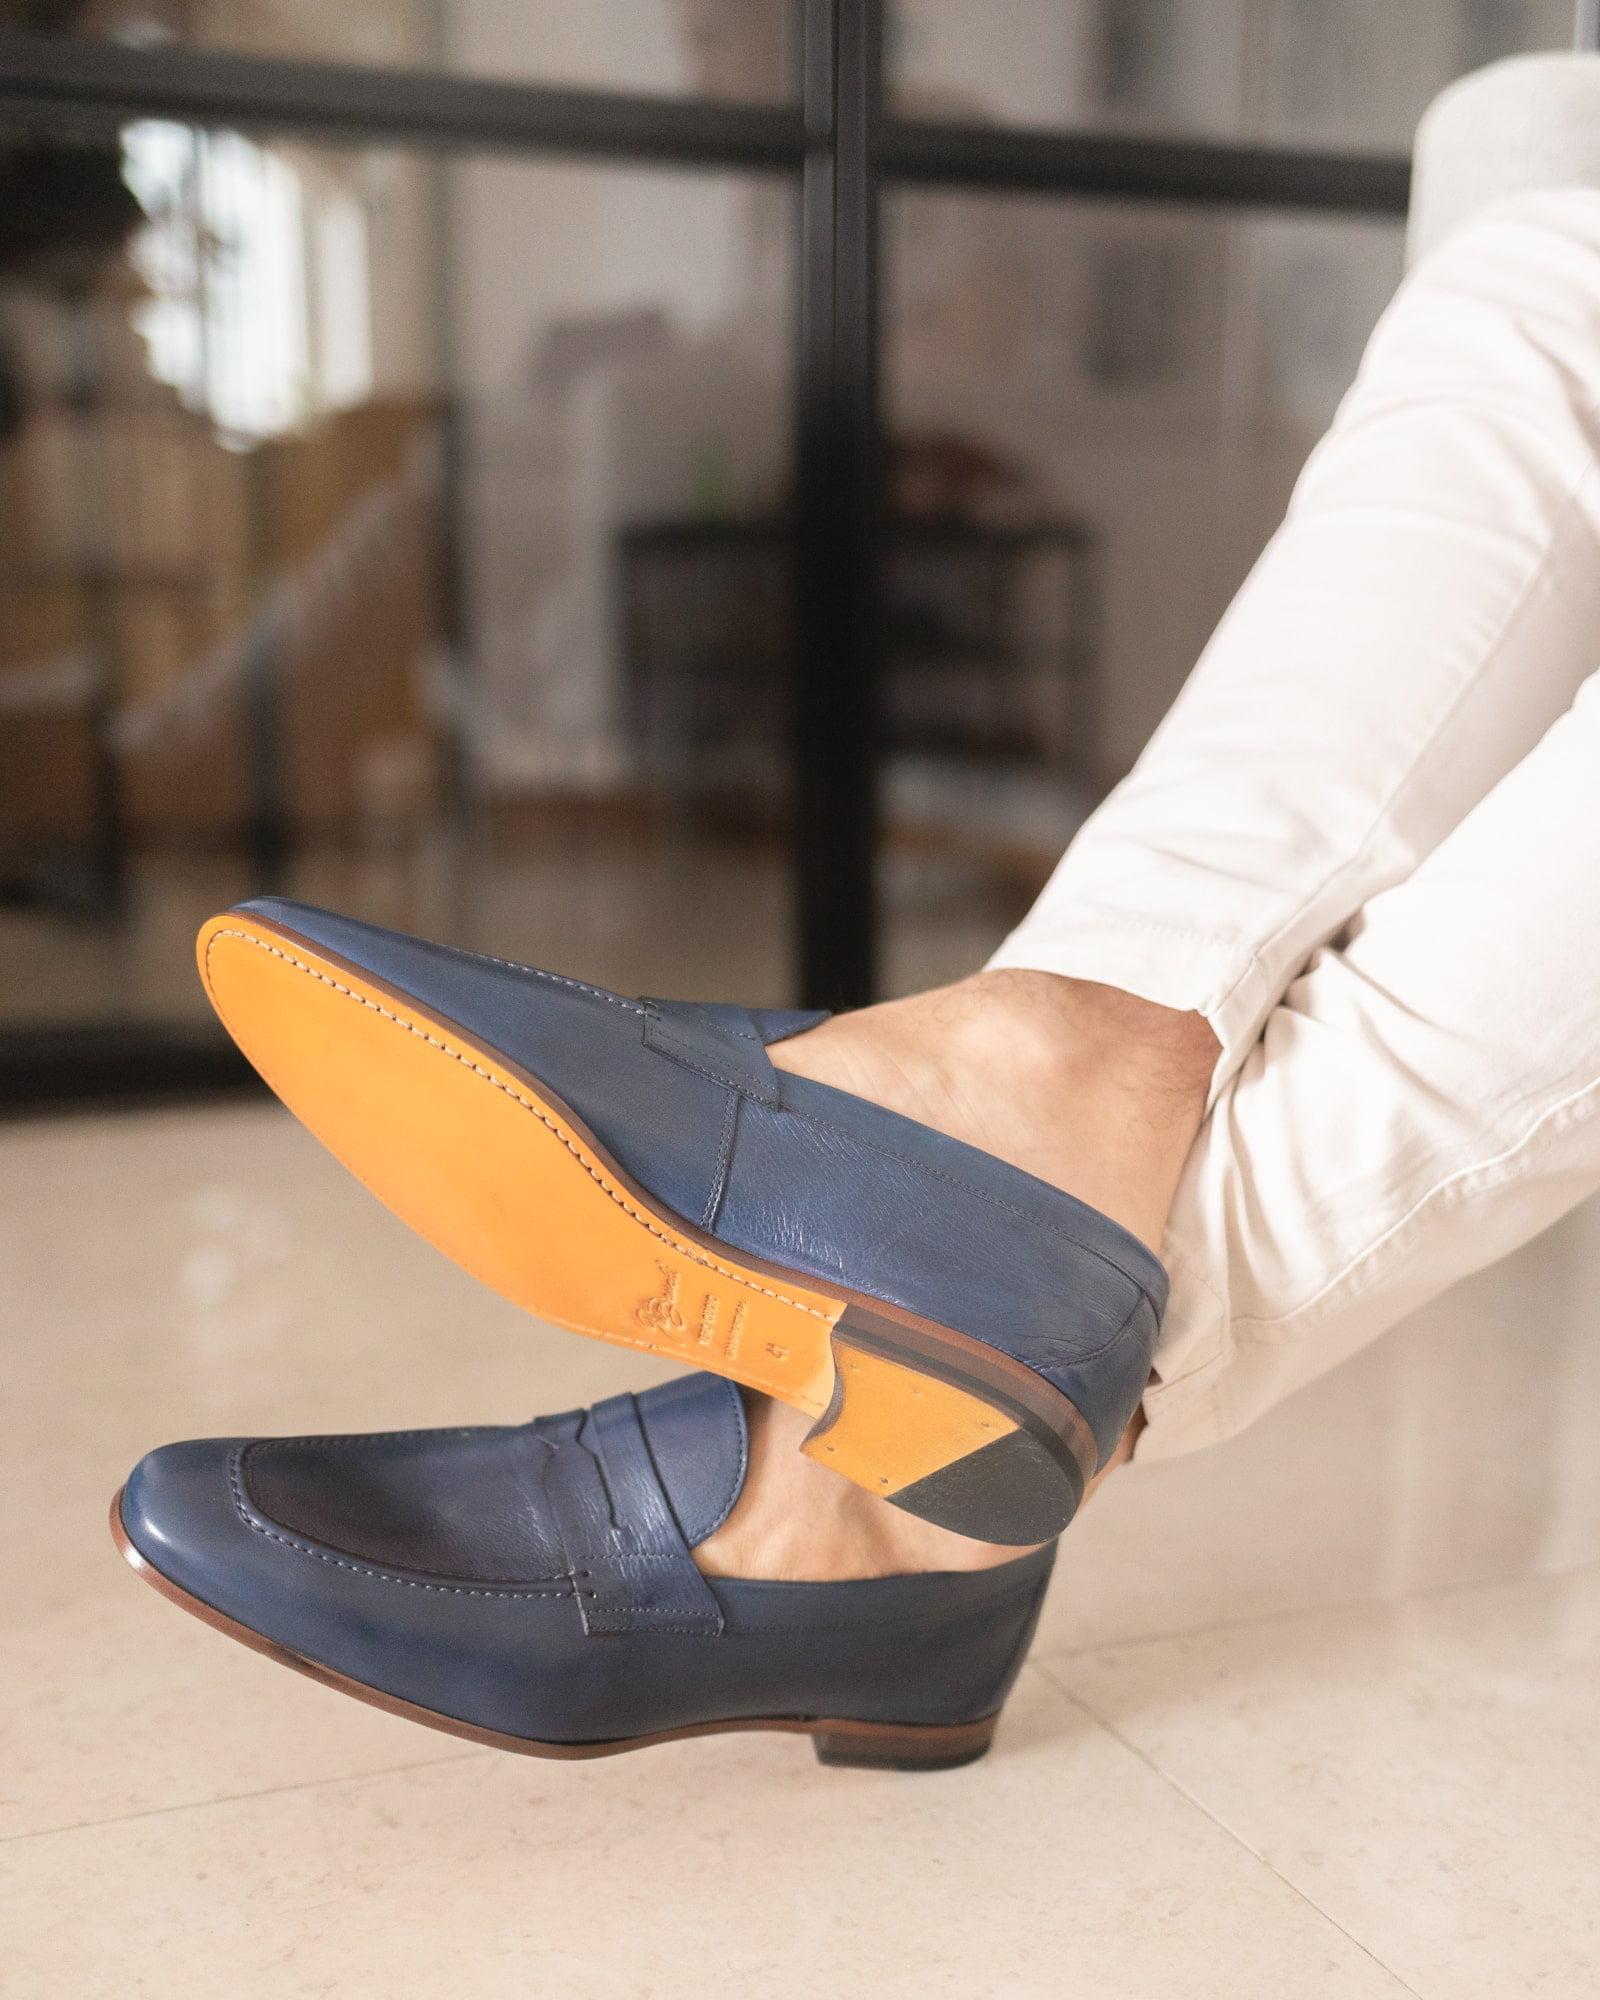 Loafers para homem - modelo Penny Loafer azul; em pele macia